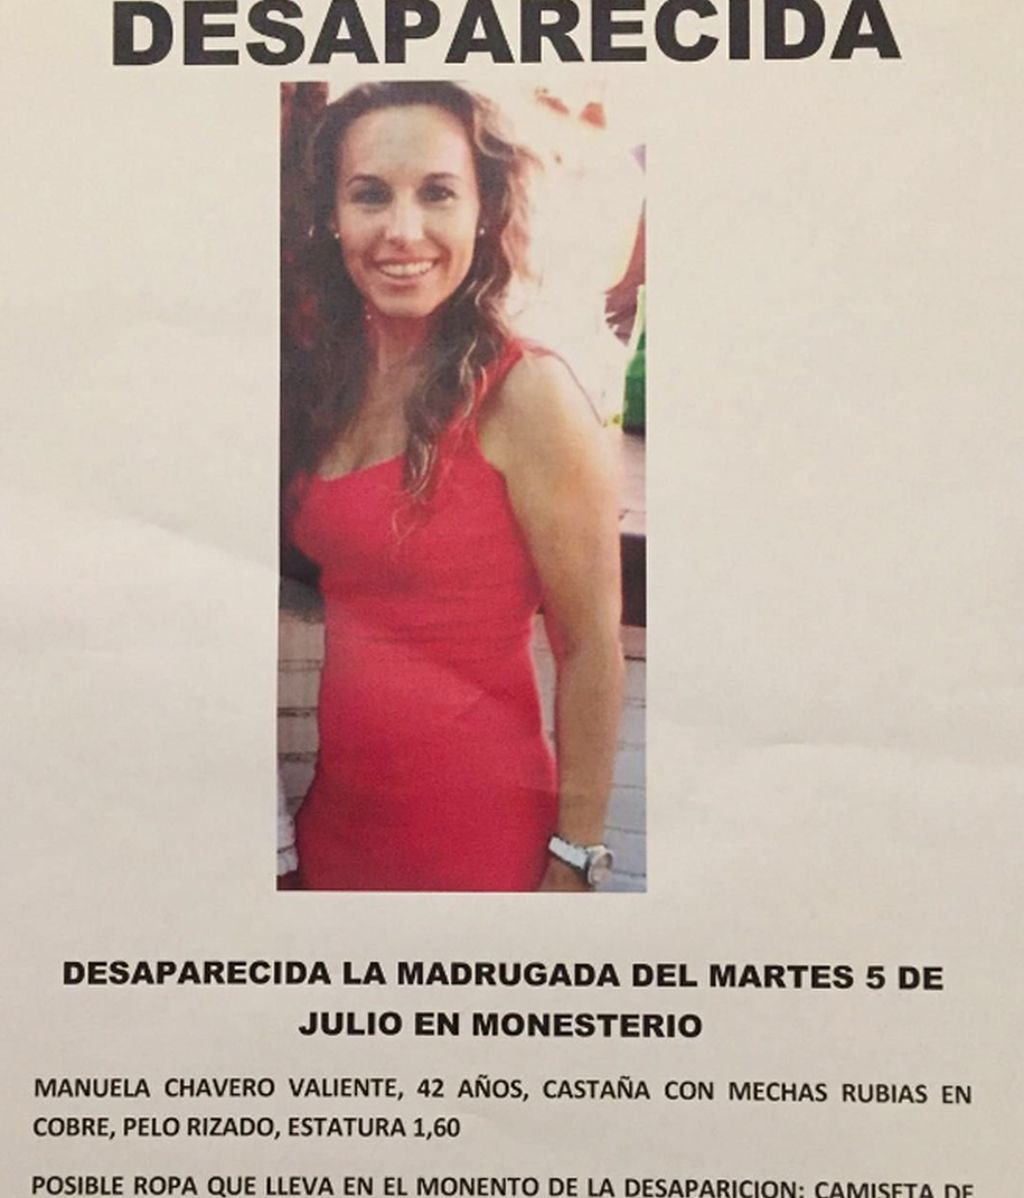 Manuela Chavero, desaparecida en Monesterio